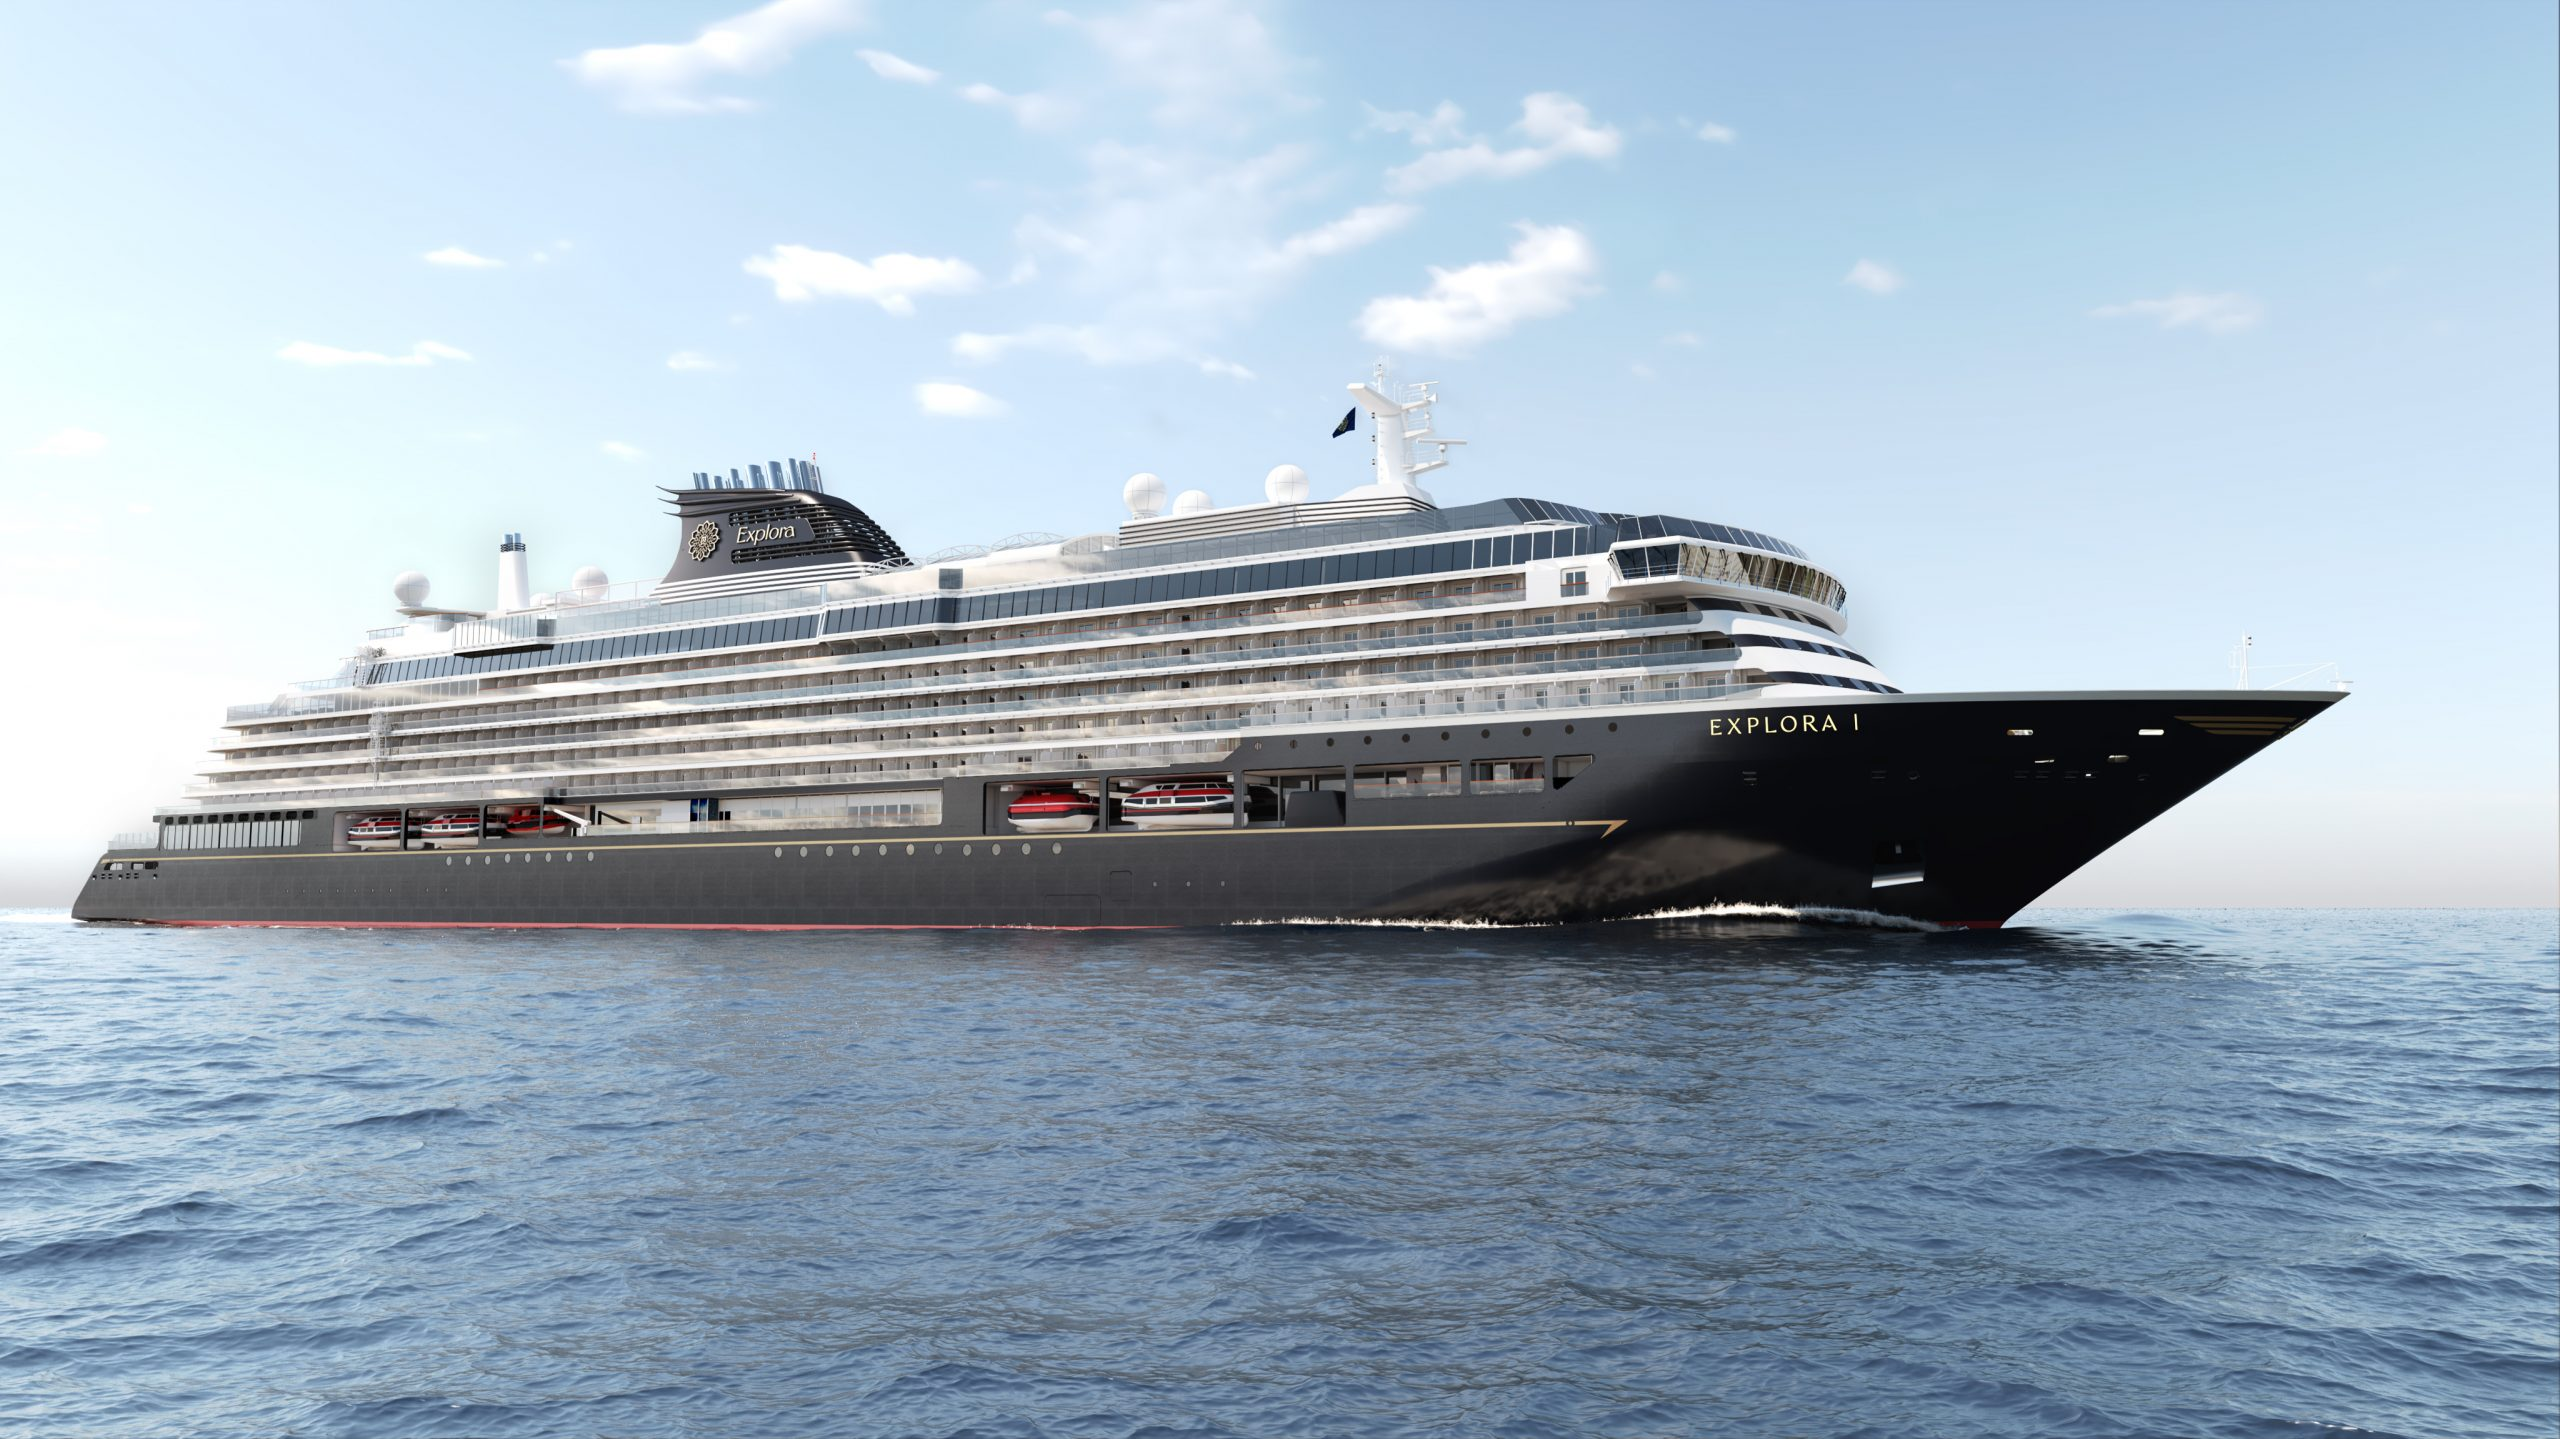 De kommende fire Explora Journeys-luksuskrydstogtskibe, der første er klart i 2023, er mindre end MSC Cruises' traditionelle skibe og kan dermed besøge mindre havne. Illustration: MSC Cruises.